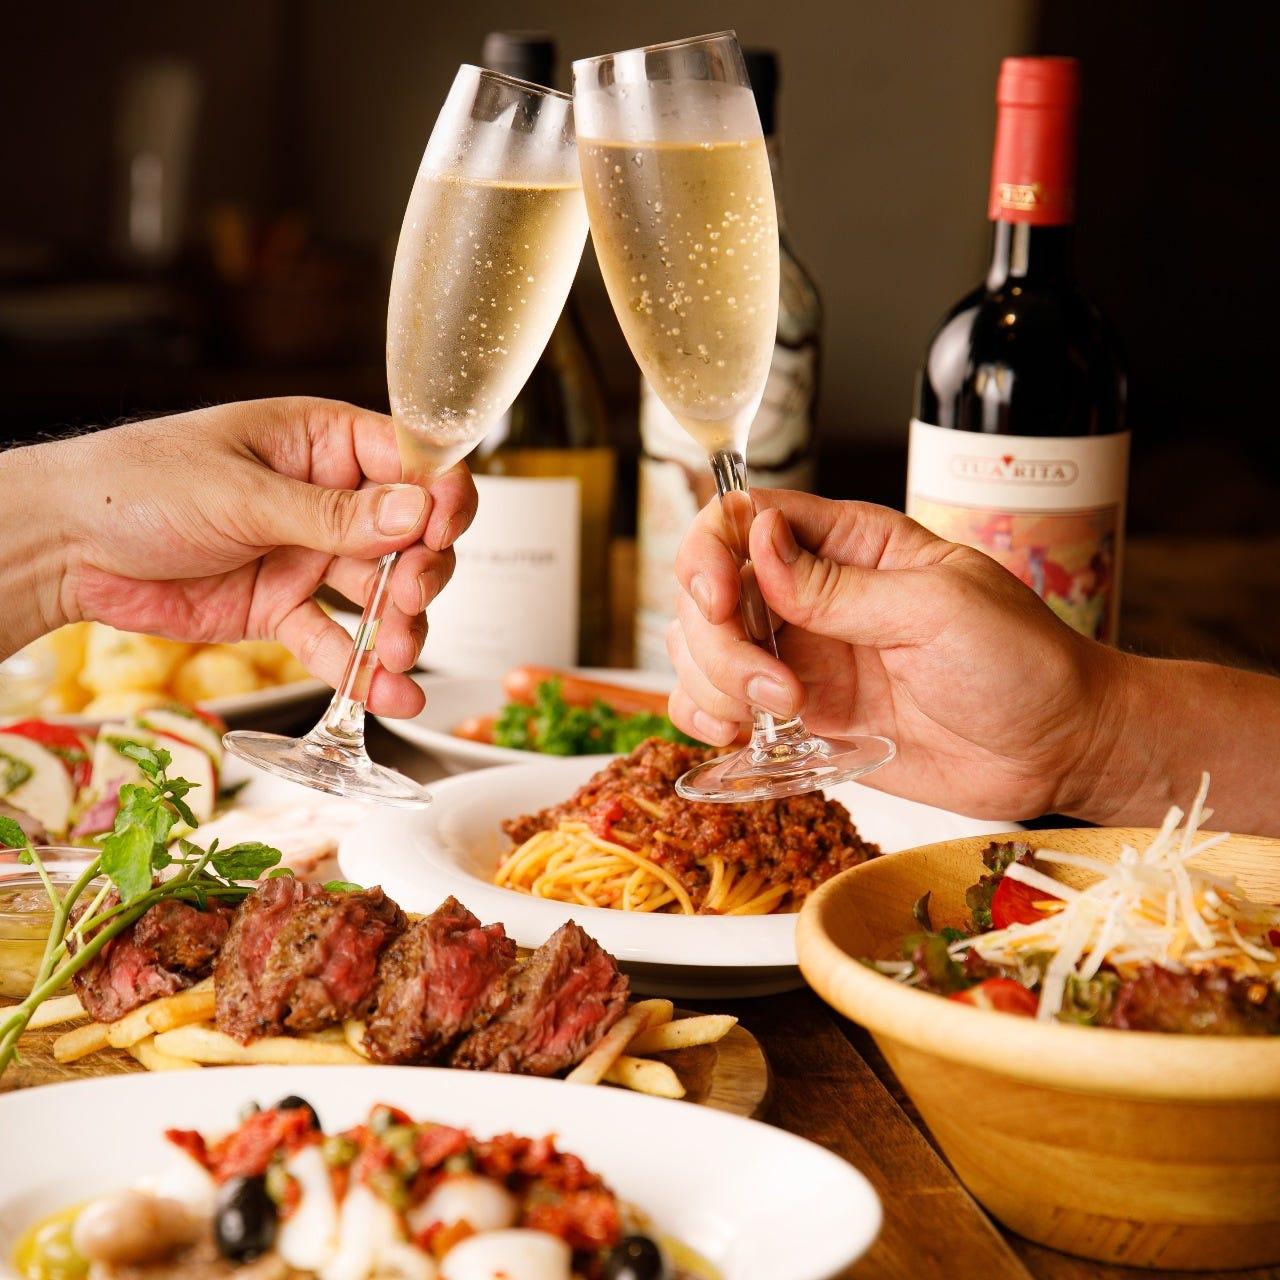 シャンパンで乾杯◎嬉しい特典付の宴会コースで充実のひと時を